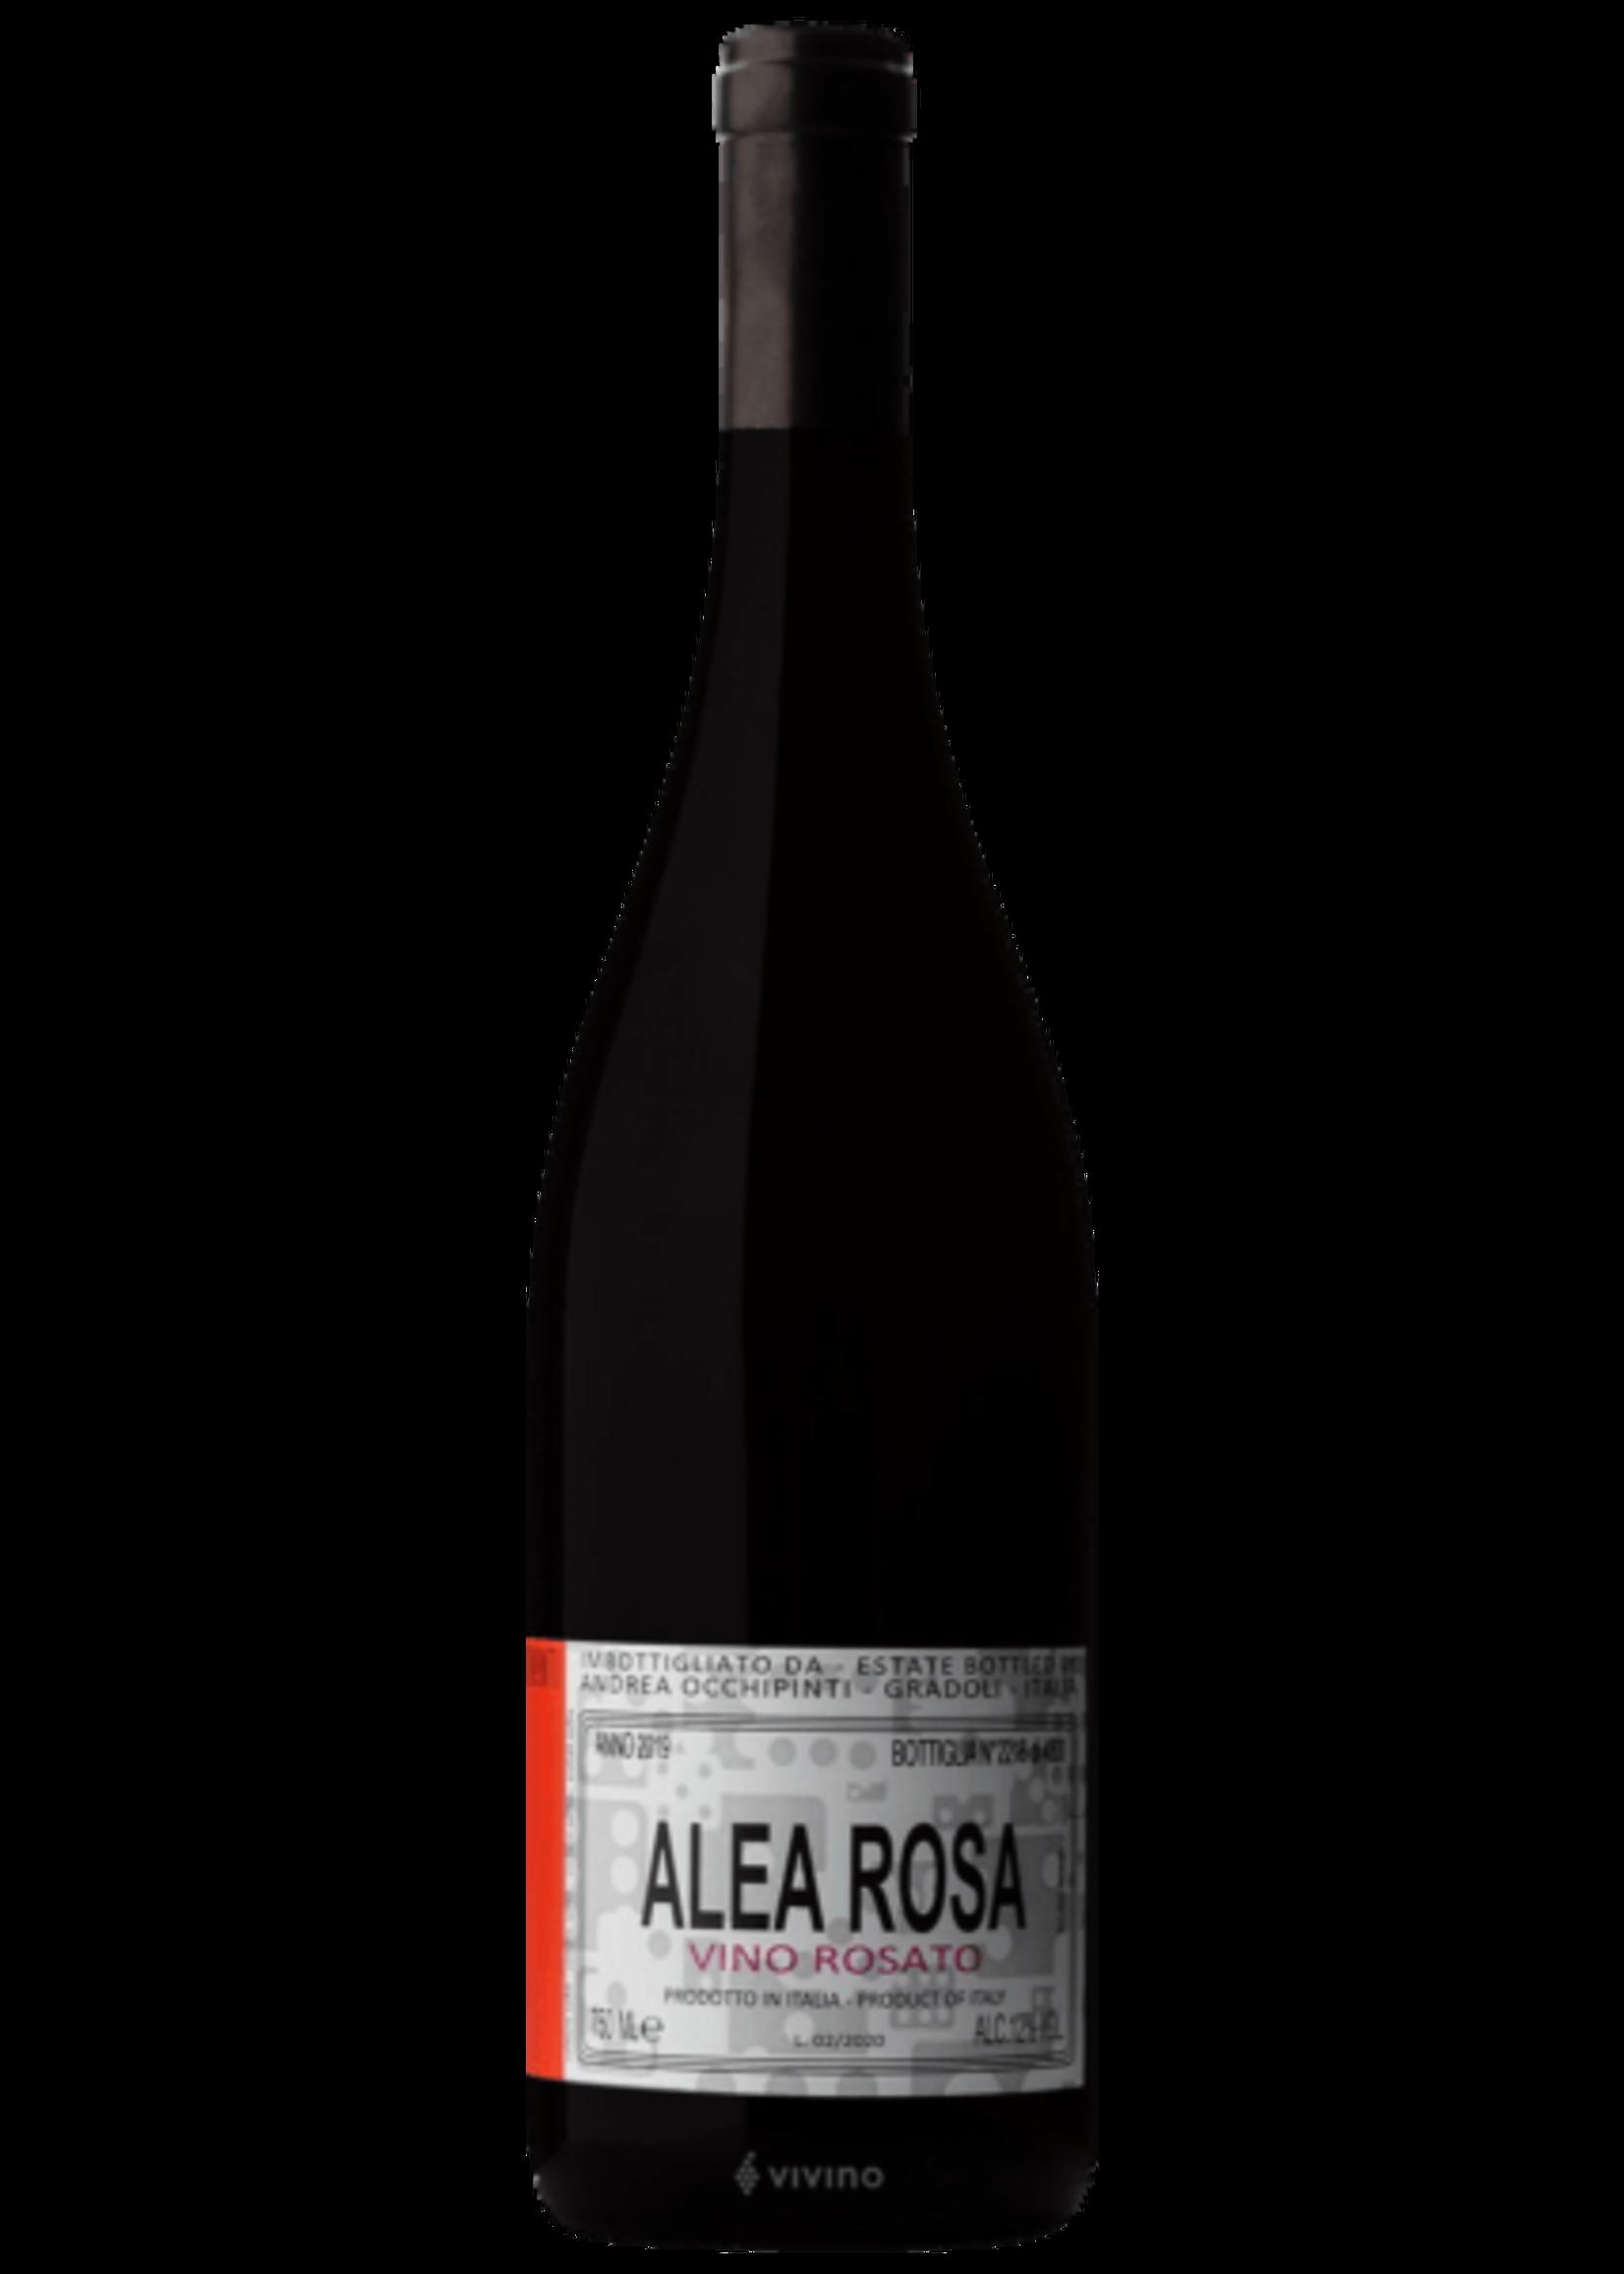 Andrea Occhipinti Andrea Occhipinti / Alea Rosa Aliatico Rosé 2020 / 750mL